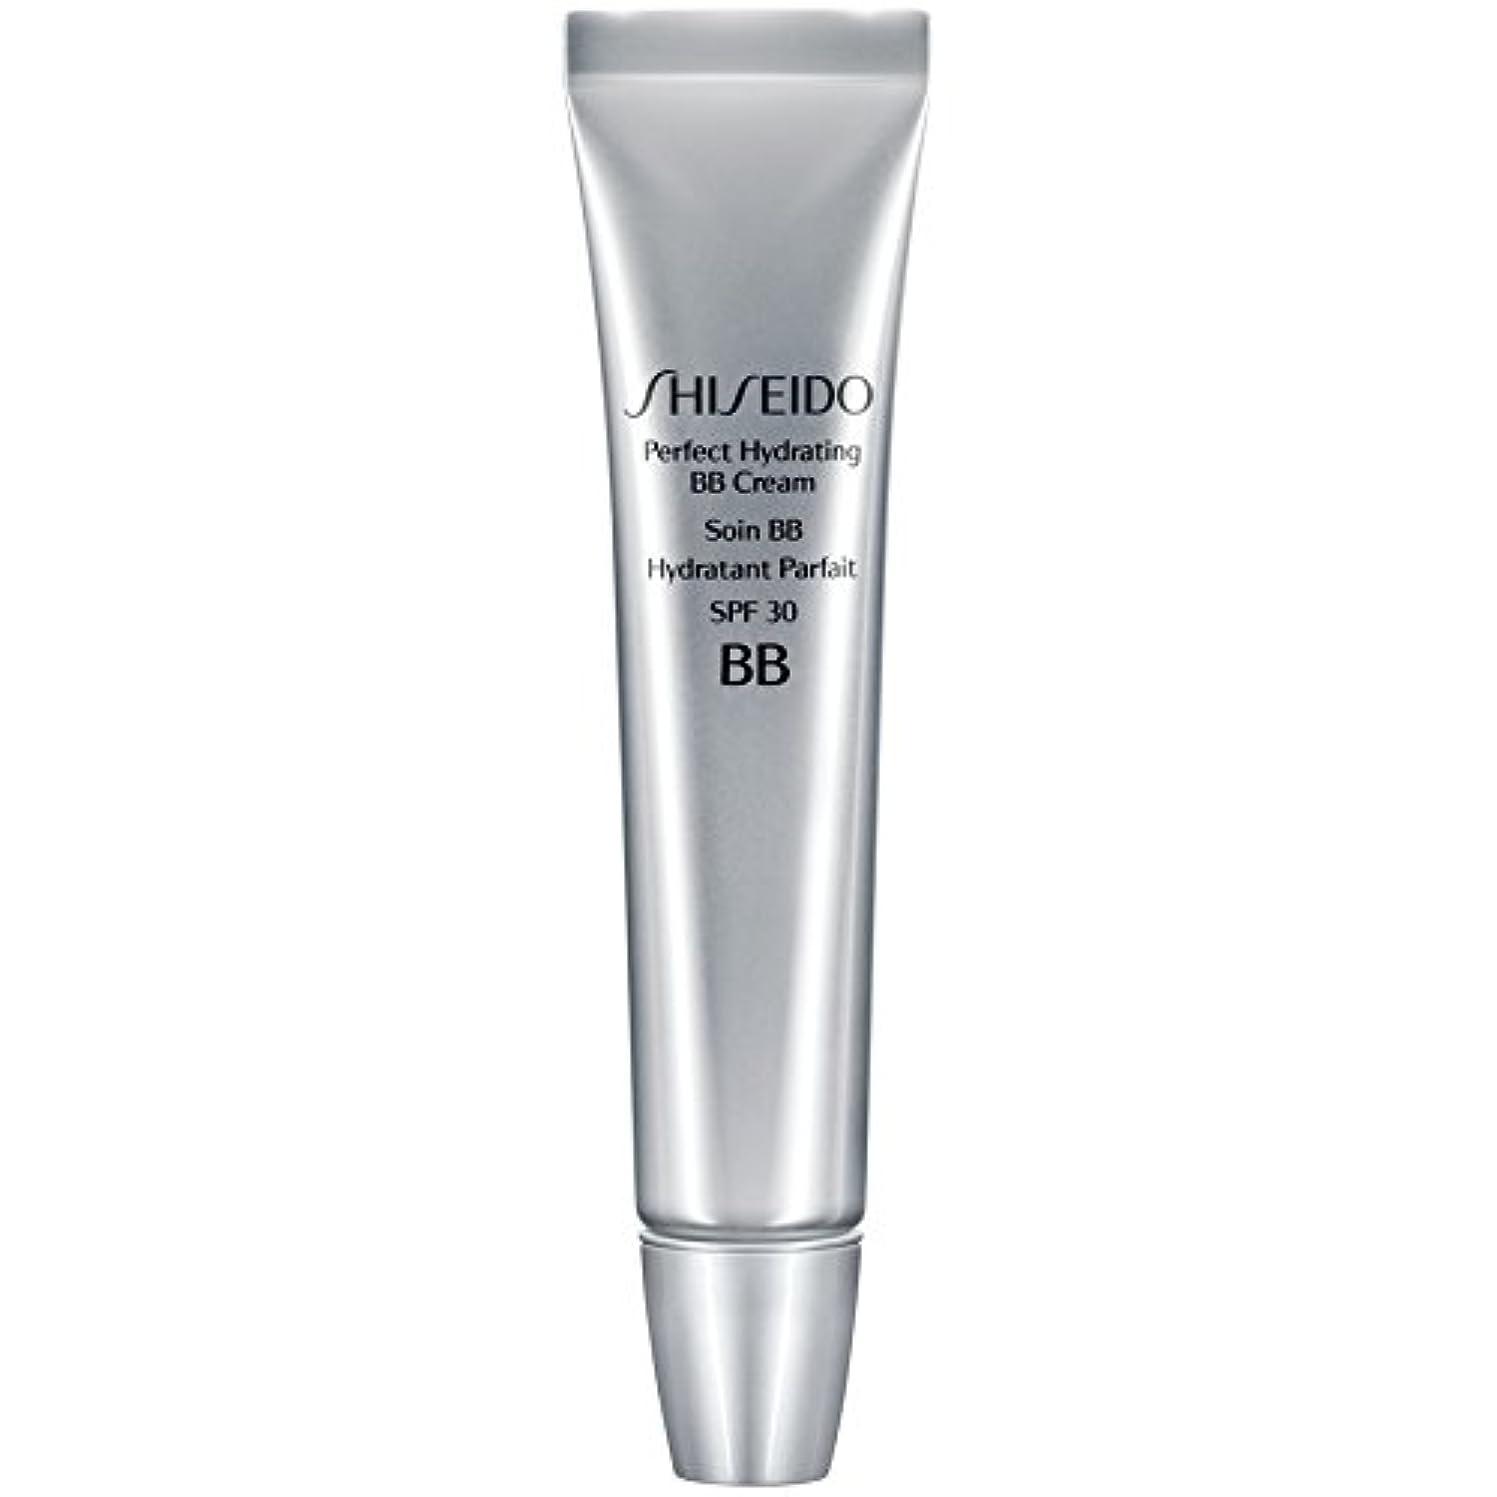 かもめ常習的粘着性[Shiseido ] 資生堂完璧な水和BbクリームSpf 30 30ミリリットル媒体 - Shiseido Perfect Hydrating BB Cream SPF 30 30ml Medium [並行輸入品]